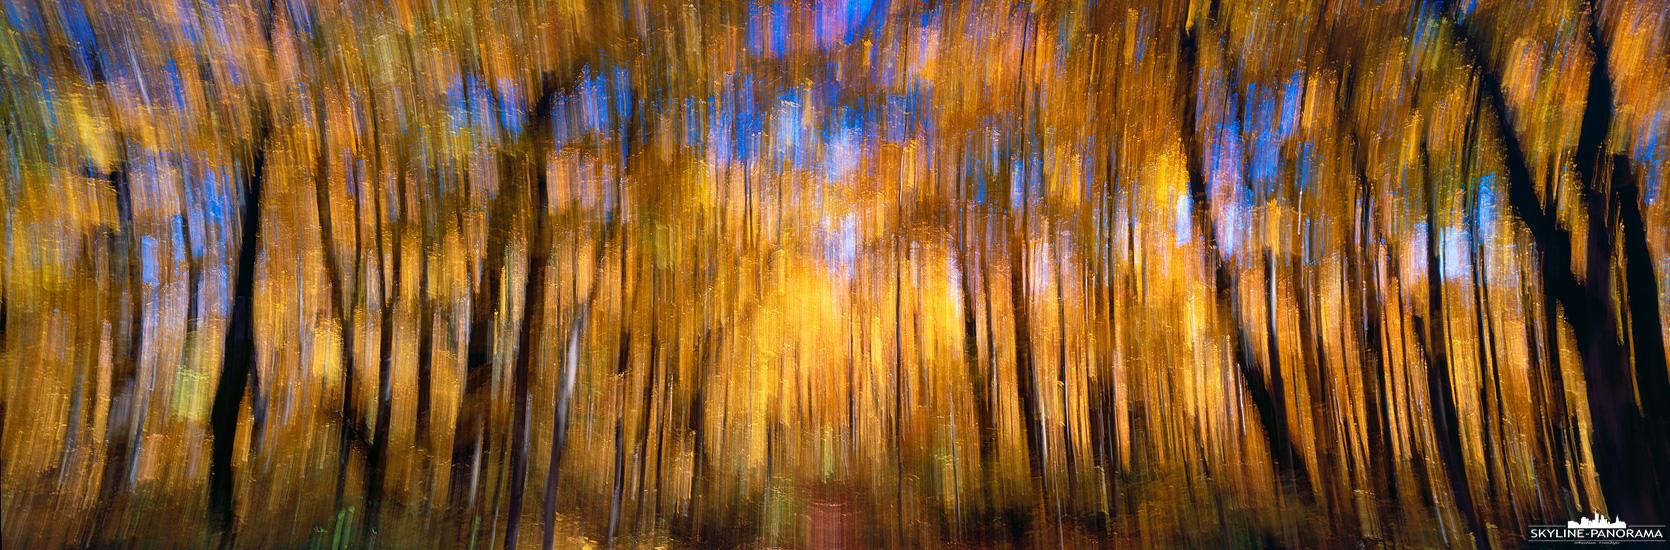 Herbstfarben Panorama - Unterwegs in einem Ahornwald im kanadischen Indian Summer, in diesem Panorama wurden die Herbstfarben etwas abstrakt festgehalten.